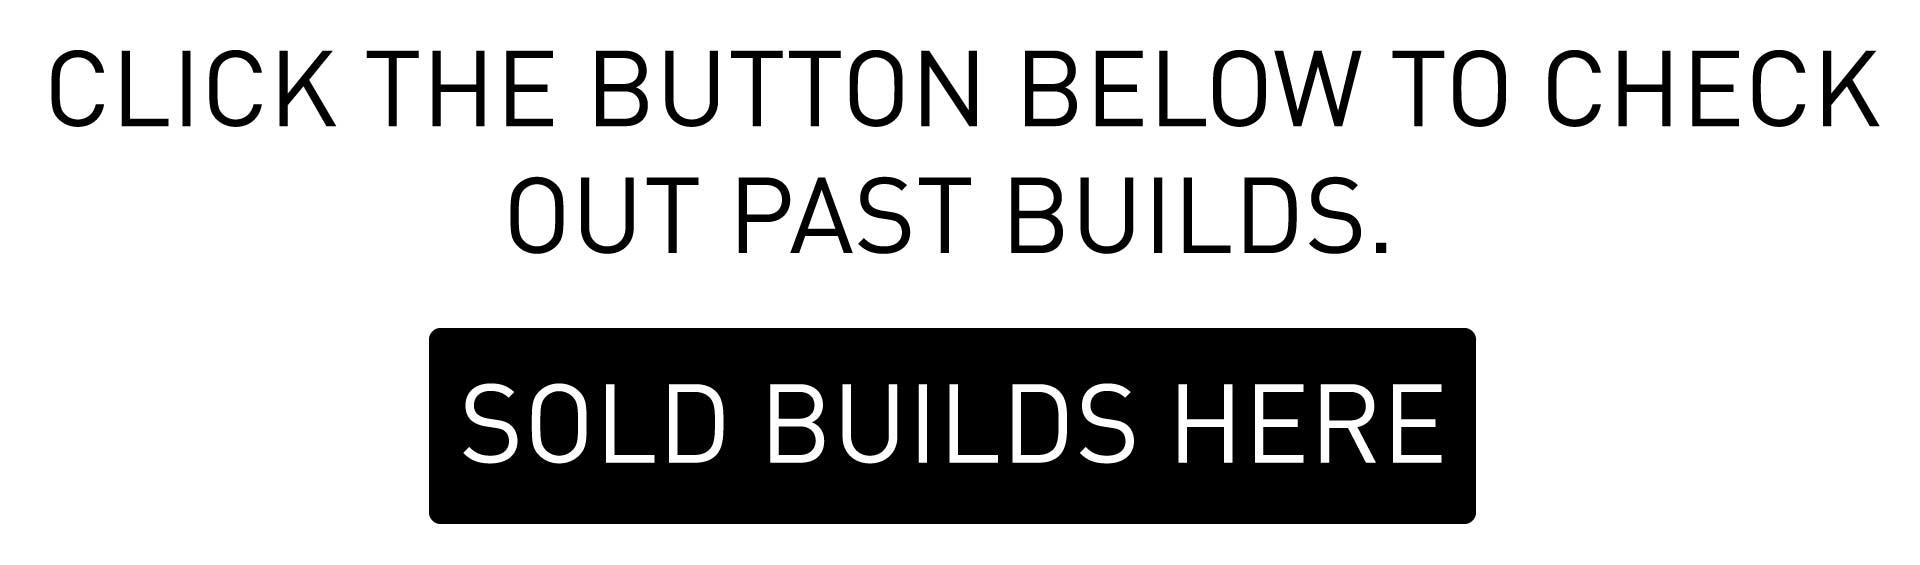 soldbuildbutton.jpg